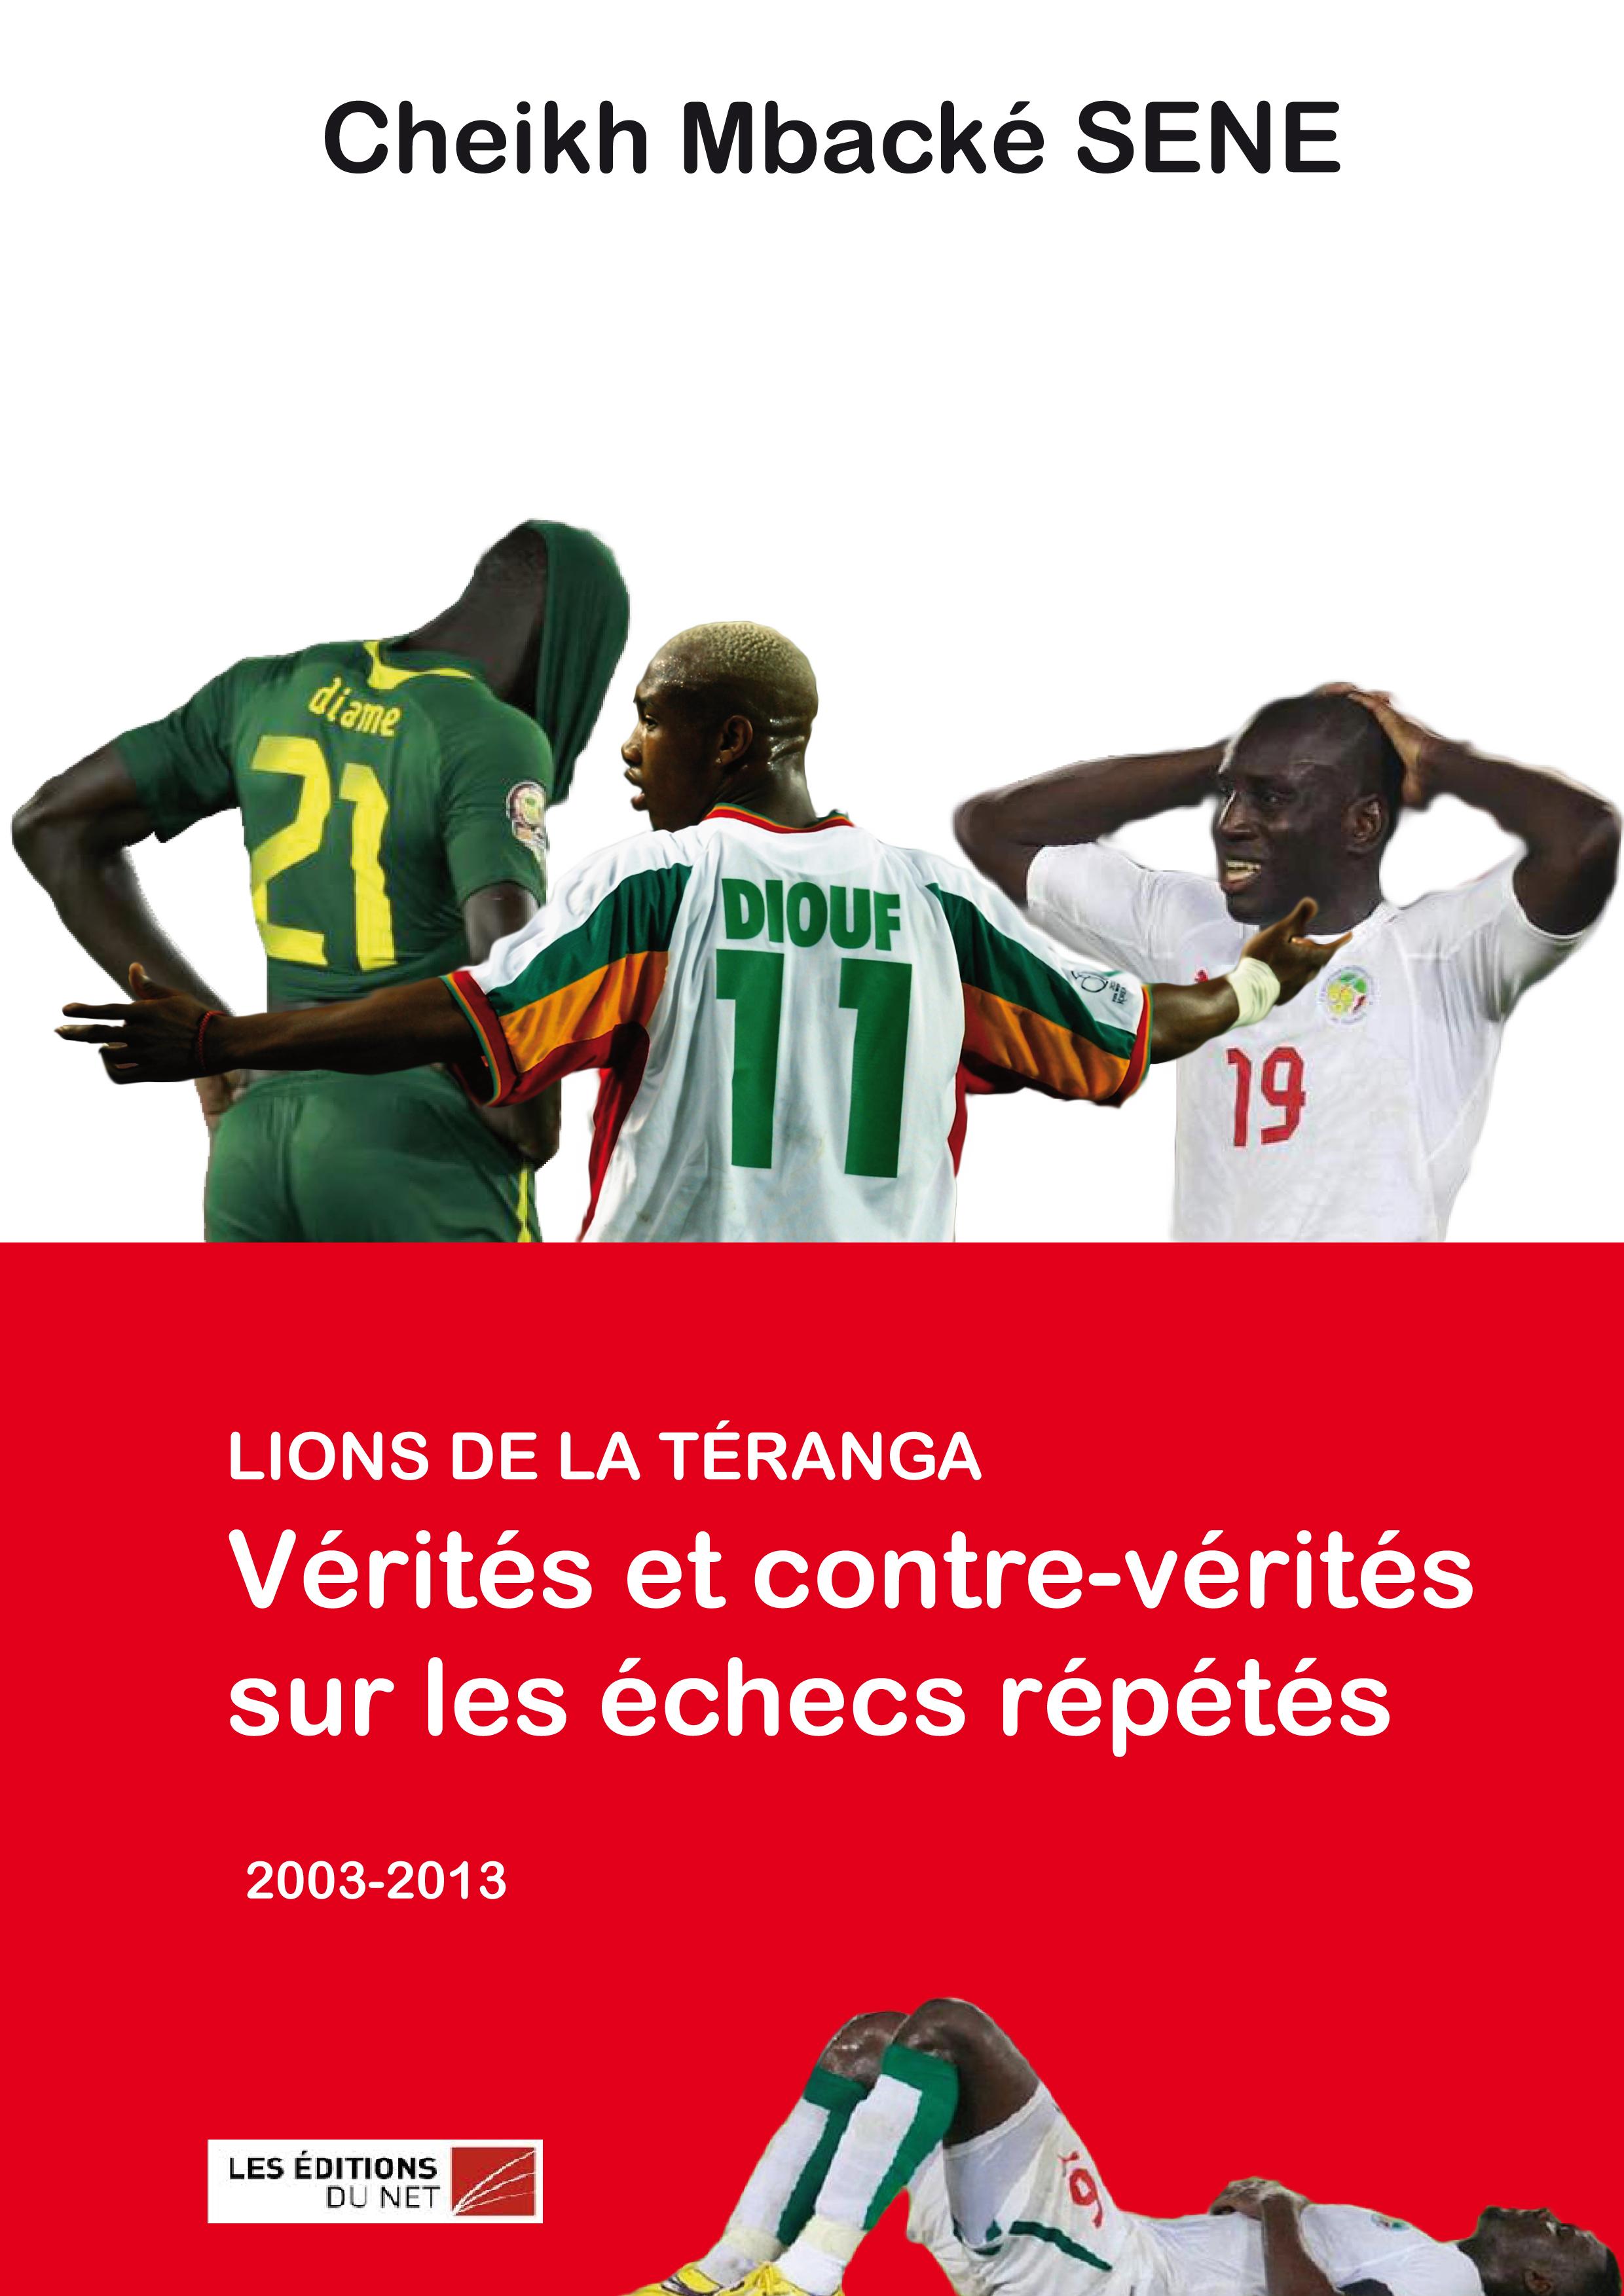 « Lions de la Téranga : Vérités et contre-vérités sur les échecs répétés (2003-2013) »